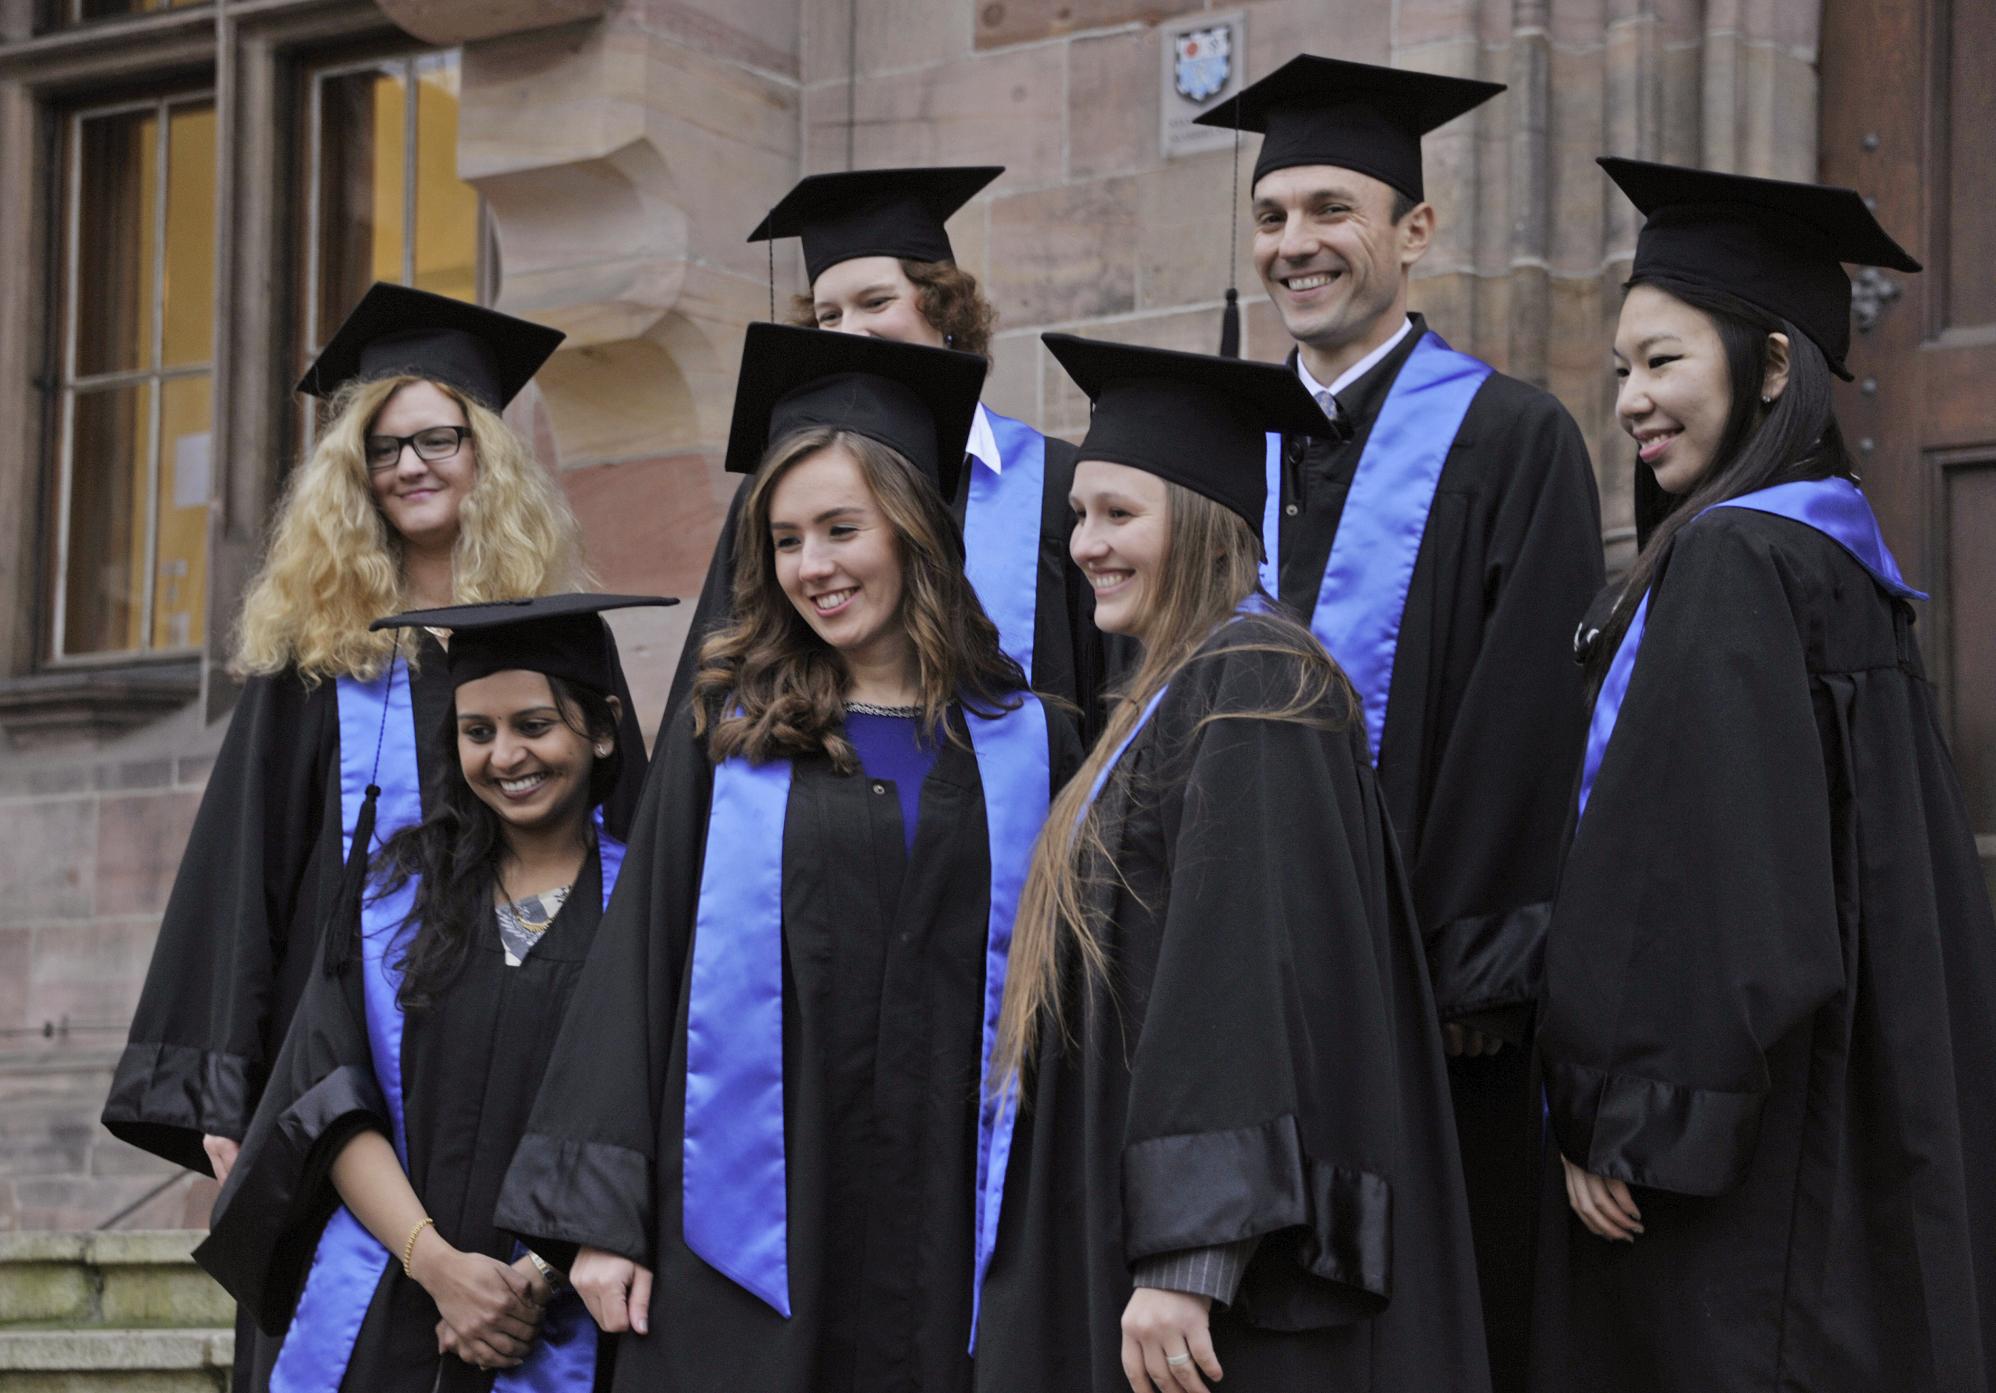 Pressemitteilung der Universität des Saarlandes: Seit 30 Jahren bildet das EIABM als ältester deutscher MBA Führungskräfte aus aller Welt aus